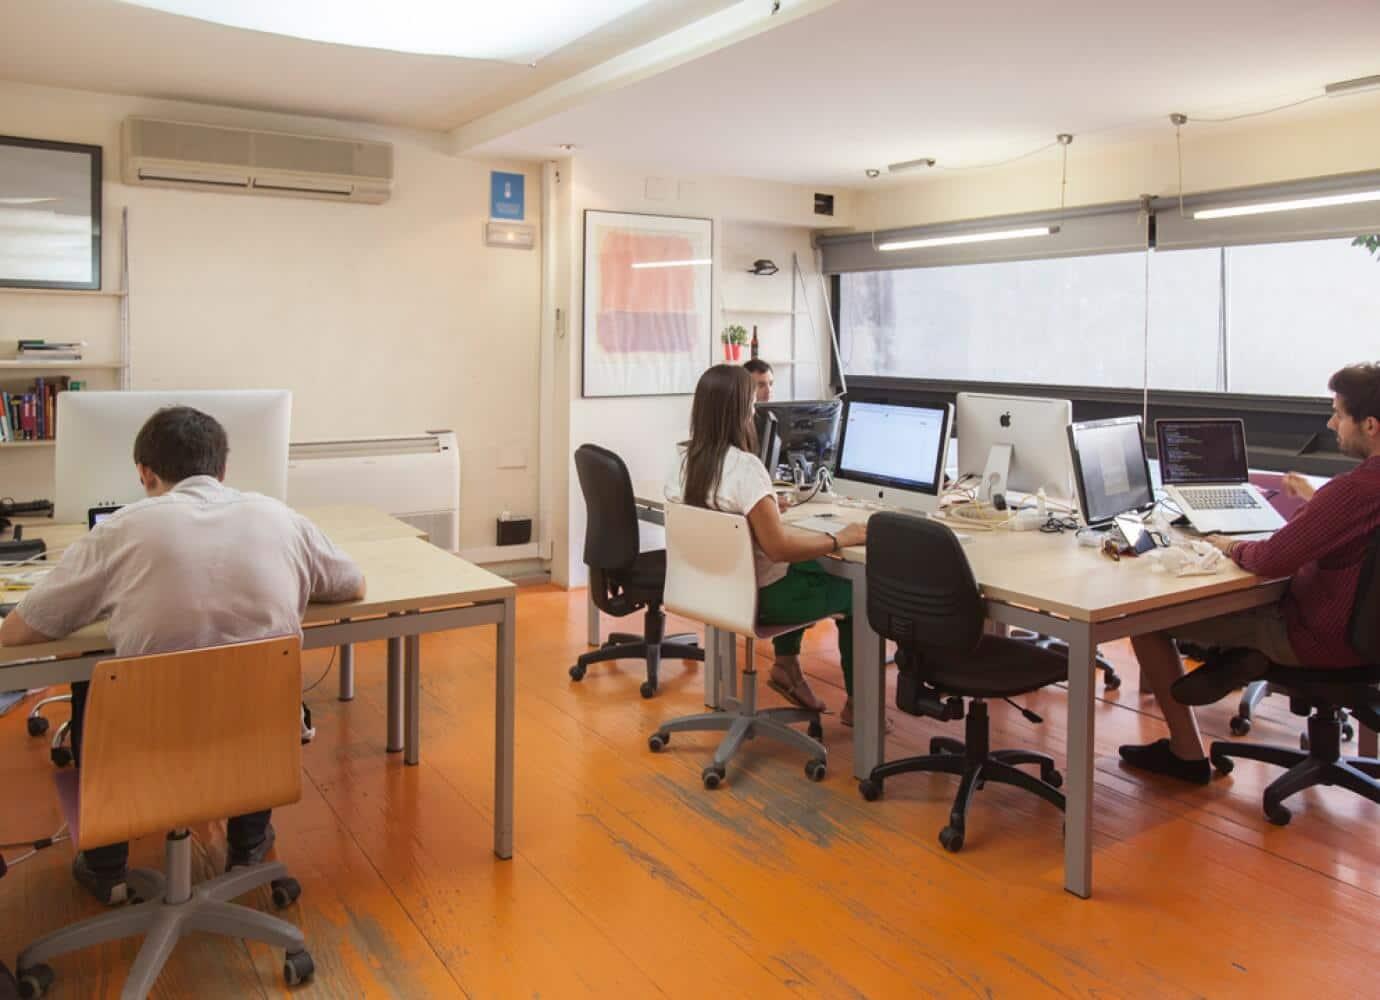 wayco espacio coworking Valencia